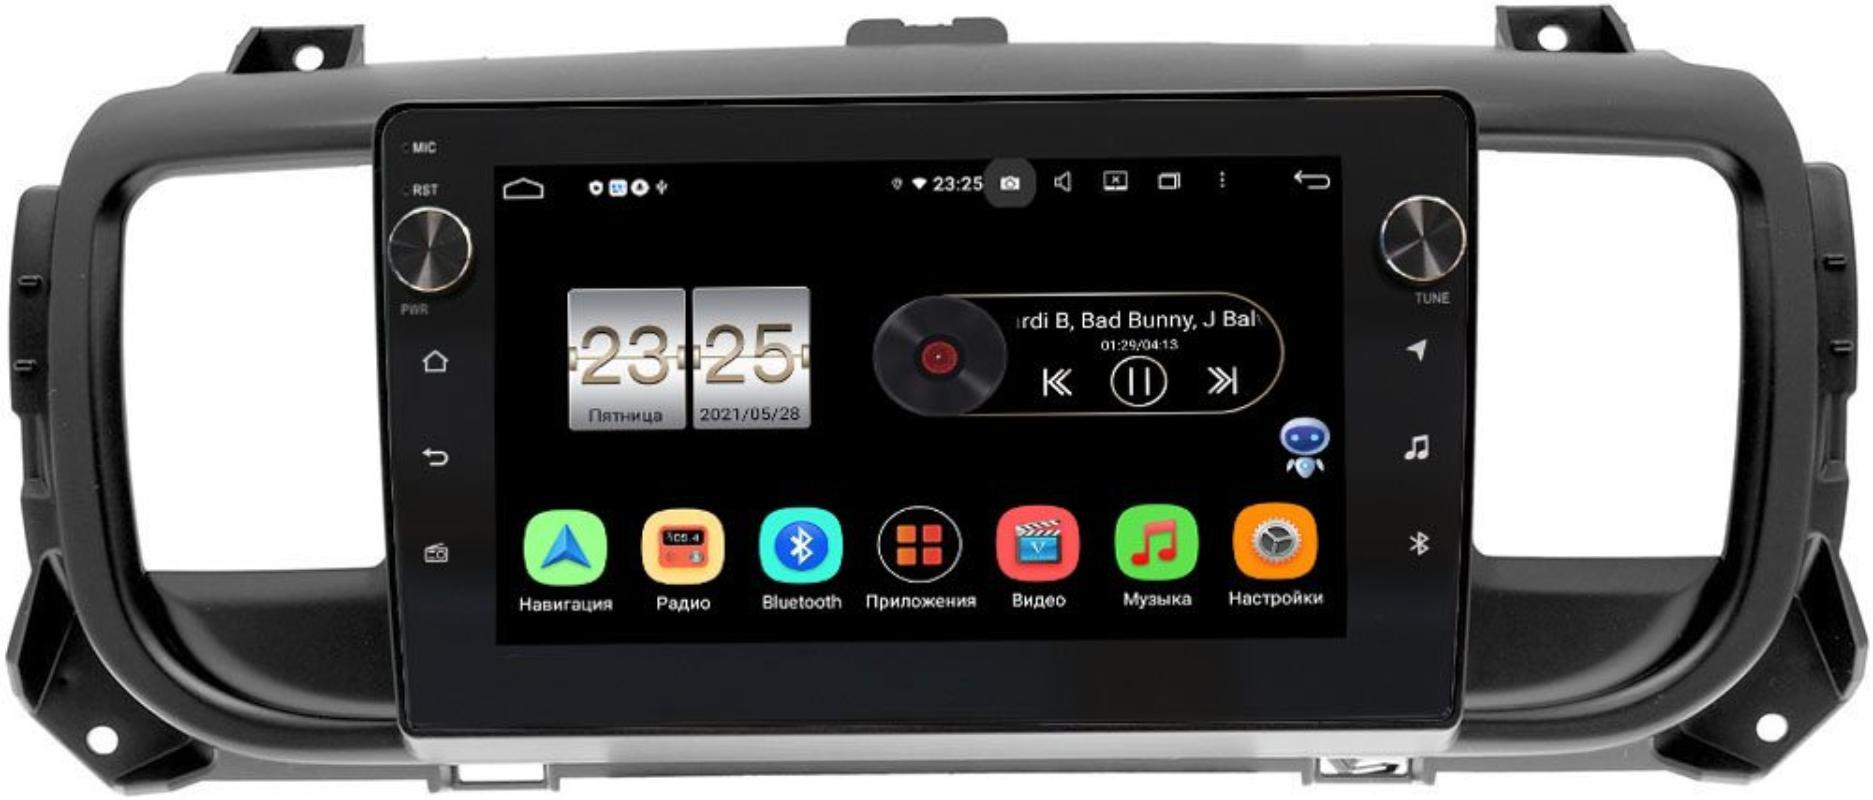 Штатная магнитола LeTrun BPX409-9296 для Citroen SpaceTourer I, Jumpy III 2016-2021 на Android 10 (4/32, DSP, IPS, с голосовым ассистентом, с крутилками) (+ Камера заднего вида в подарок!)